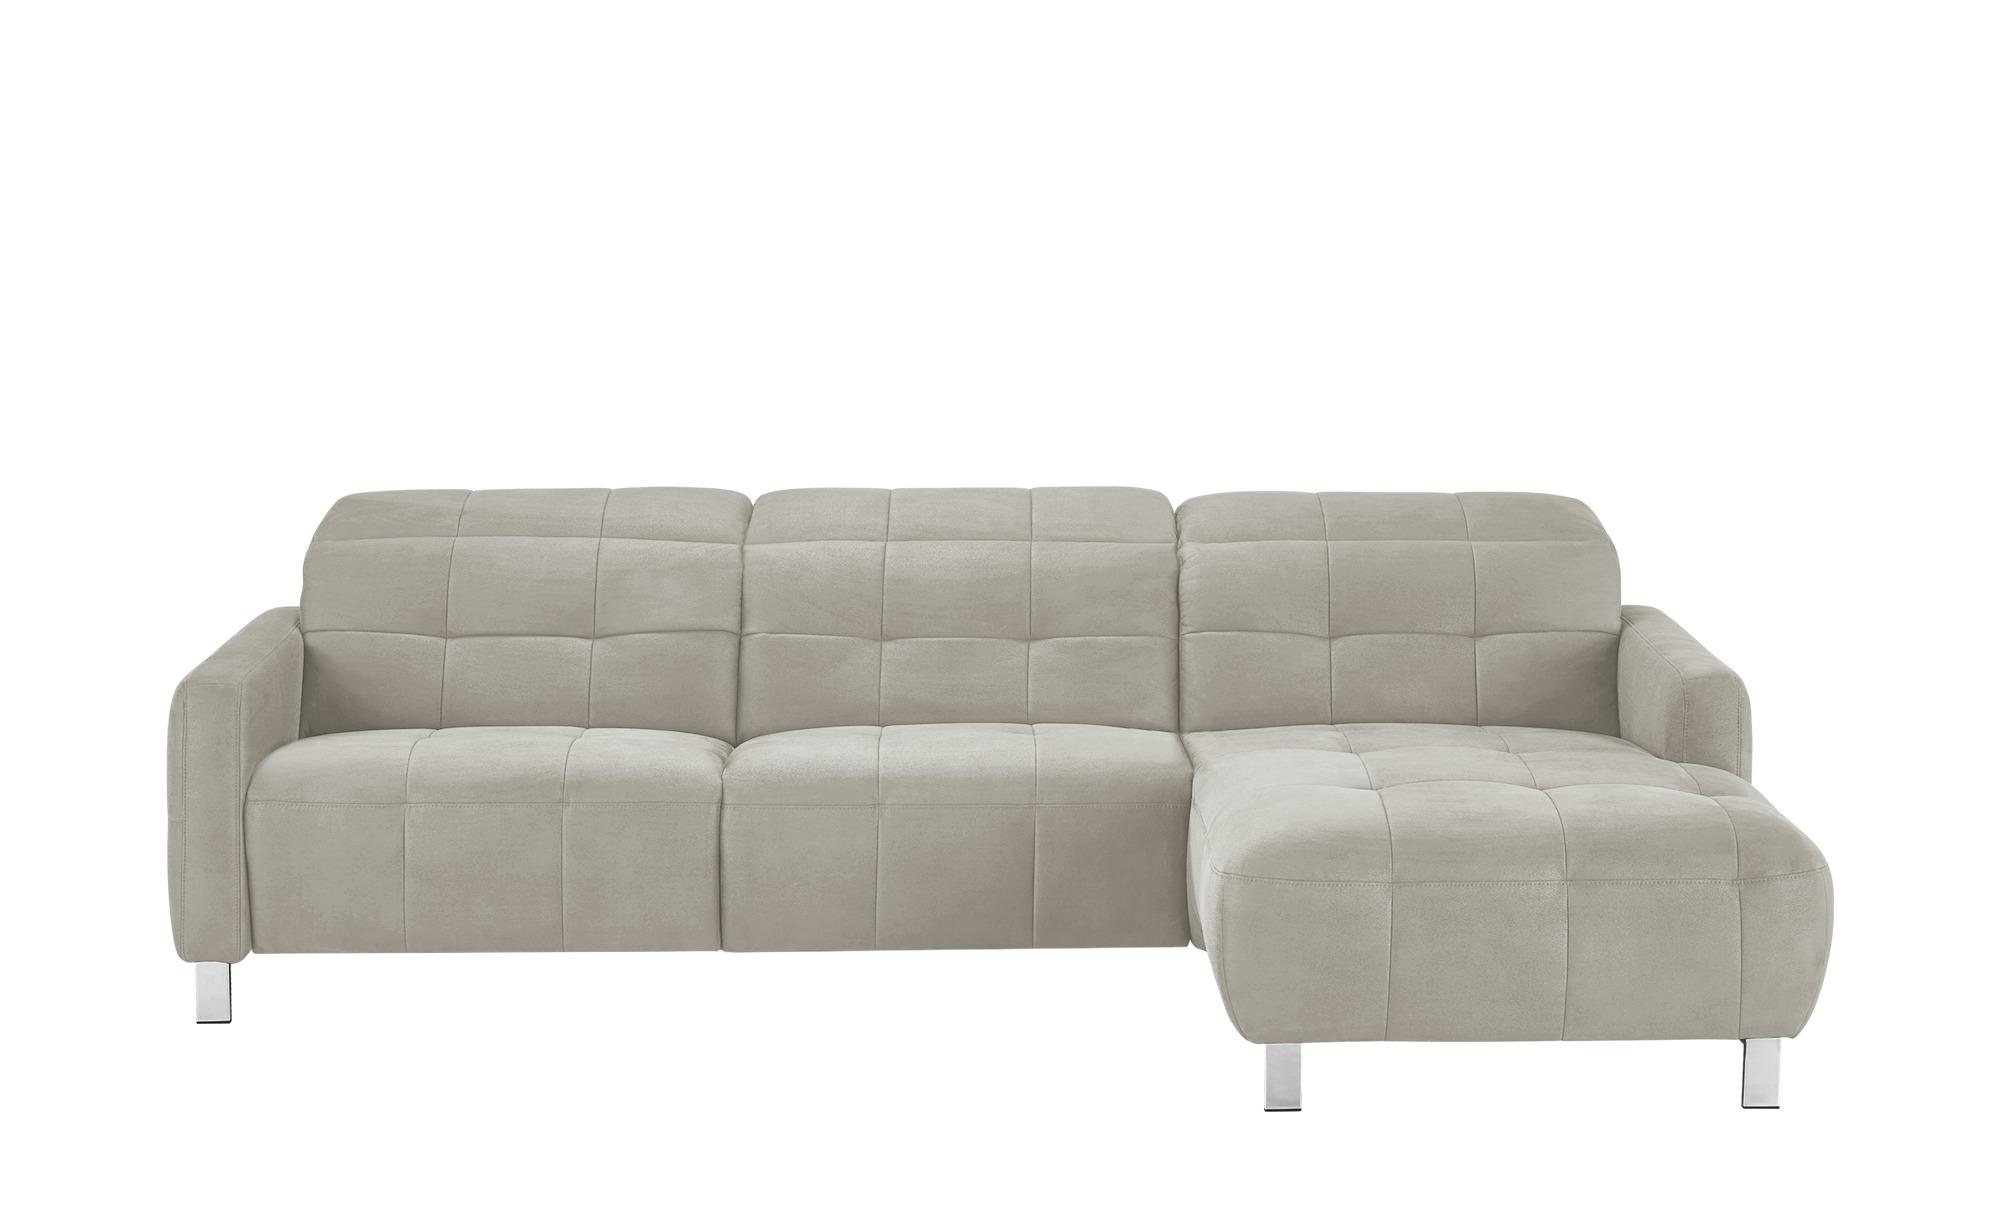 wohnwert ecksofa maya breite h he 84 cm creme online kaufen bei woonio. Black Bedroom Furniture Sets. Home Design Ideas